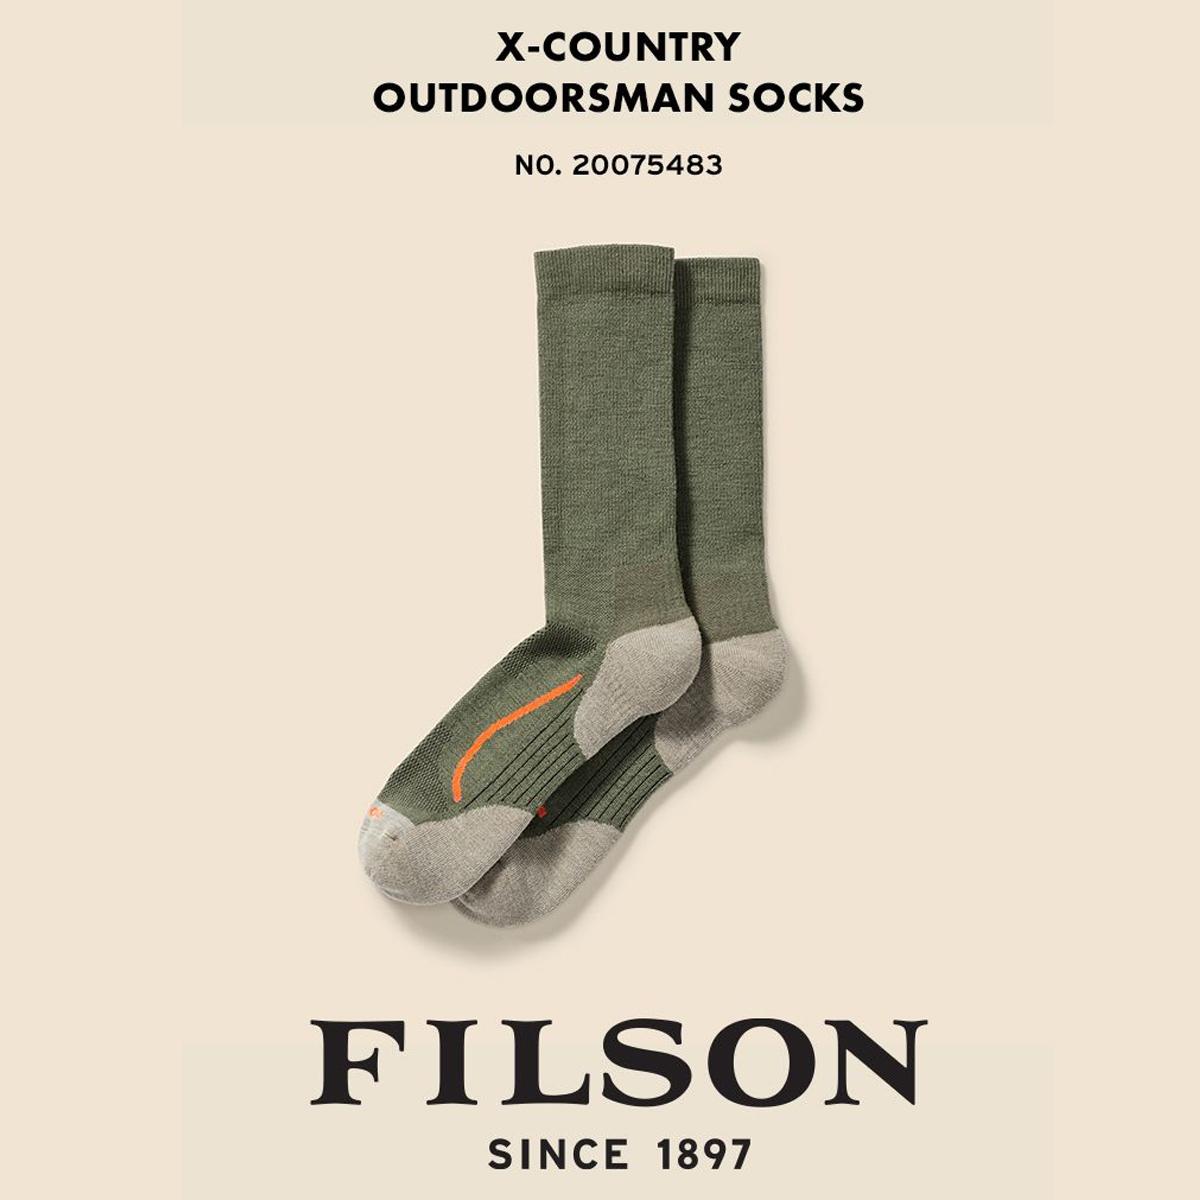 Filson X Country Outdoorsman Sock Green/Blaze, duurzame sok met een vochtafvoerende merinowolmix die je voeten droog en comfortabel houdt